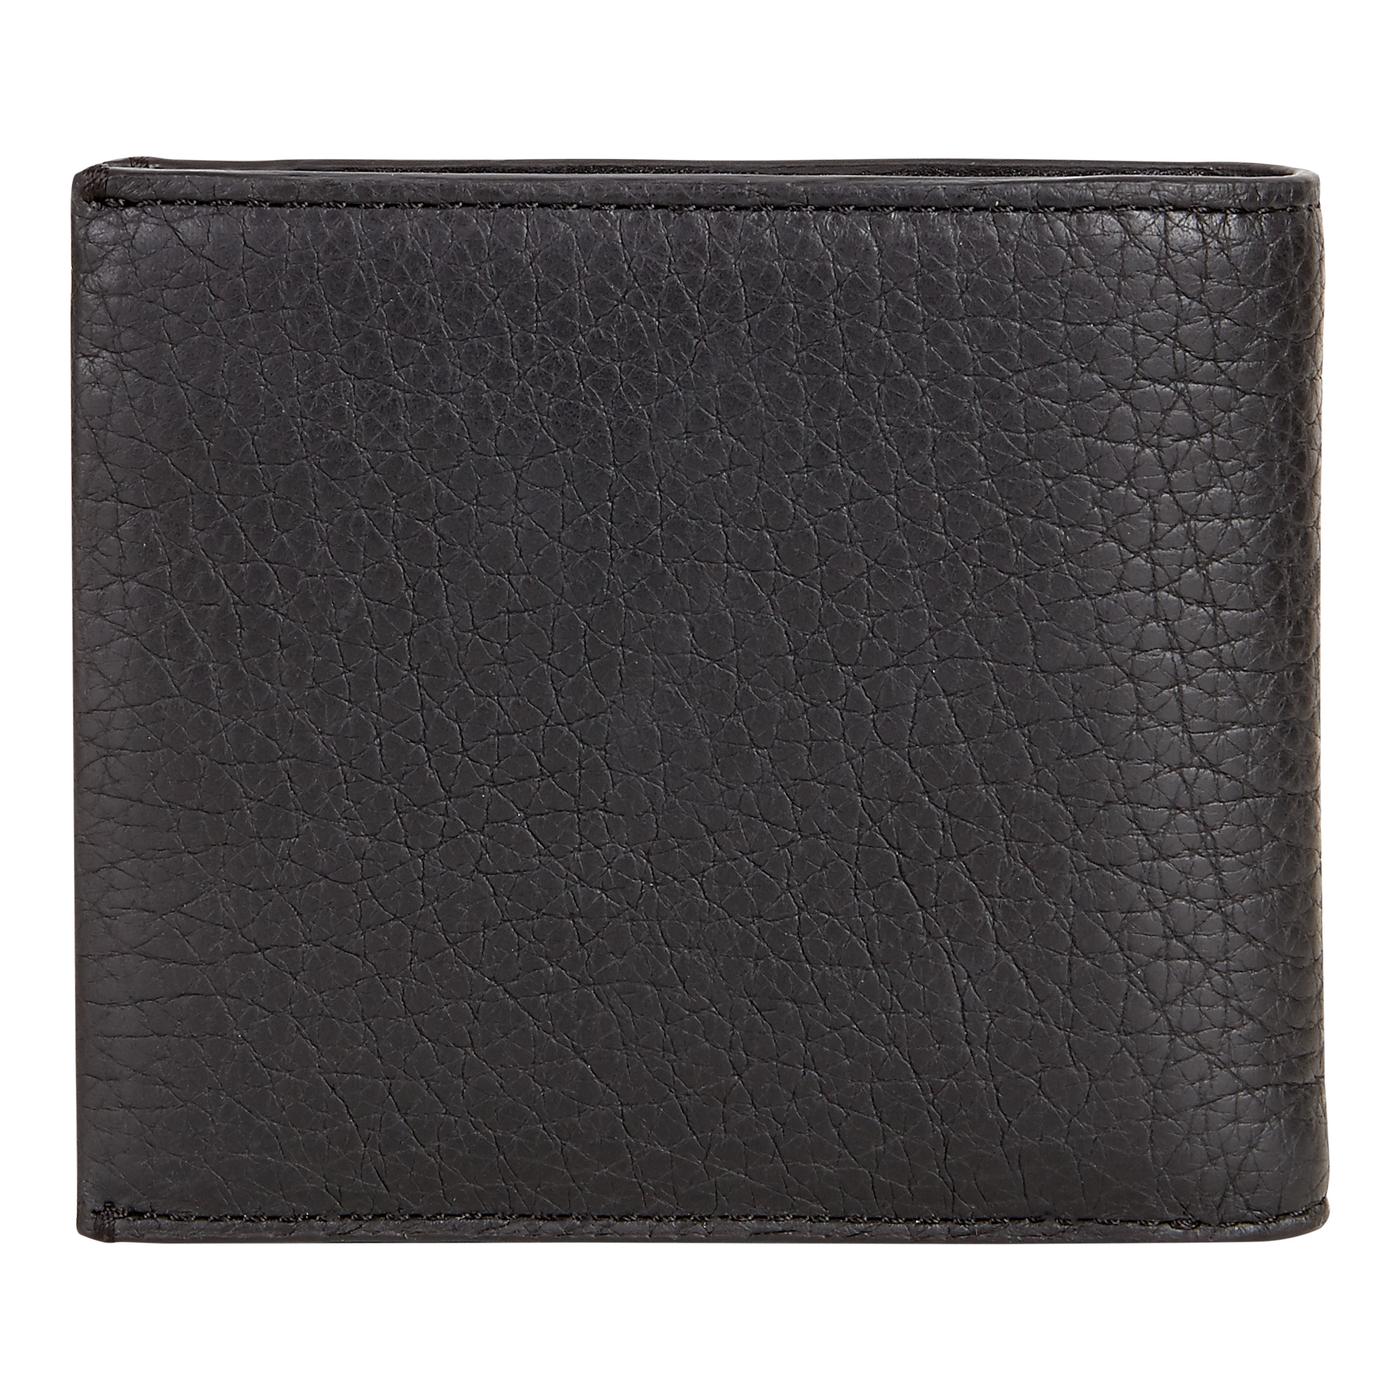 c1eaeef25953 ECCO Arne RFID Flap Wallet | Wallets | ECCO® Shoes